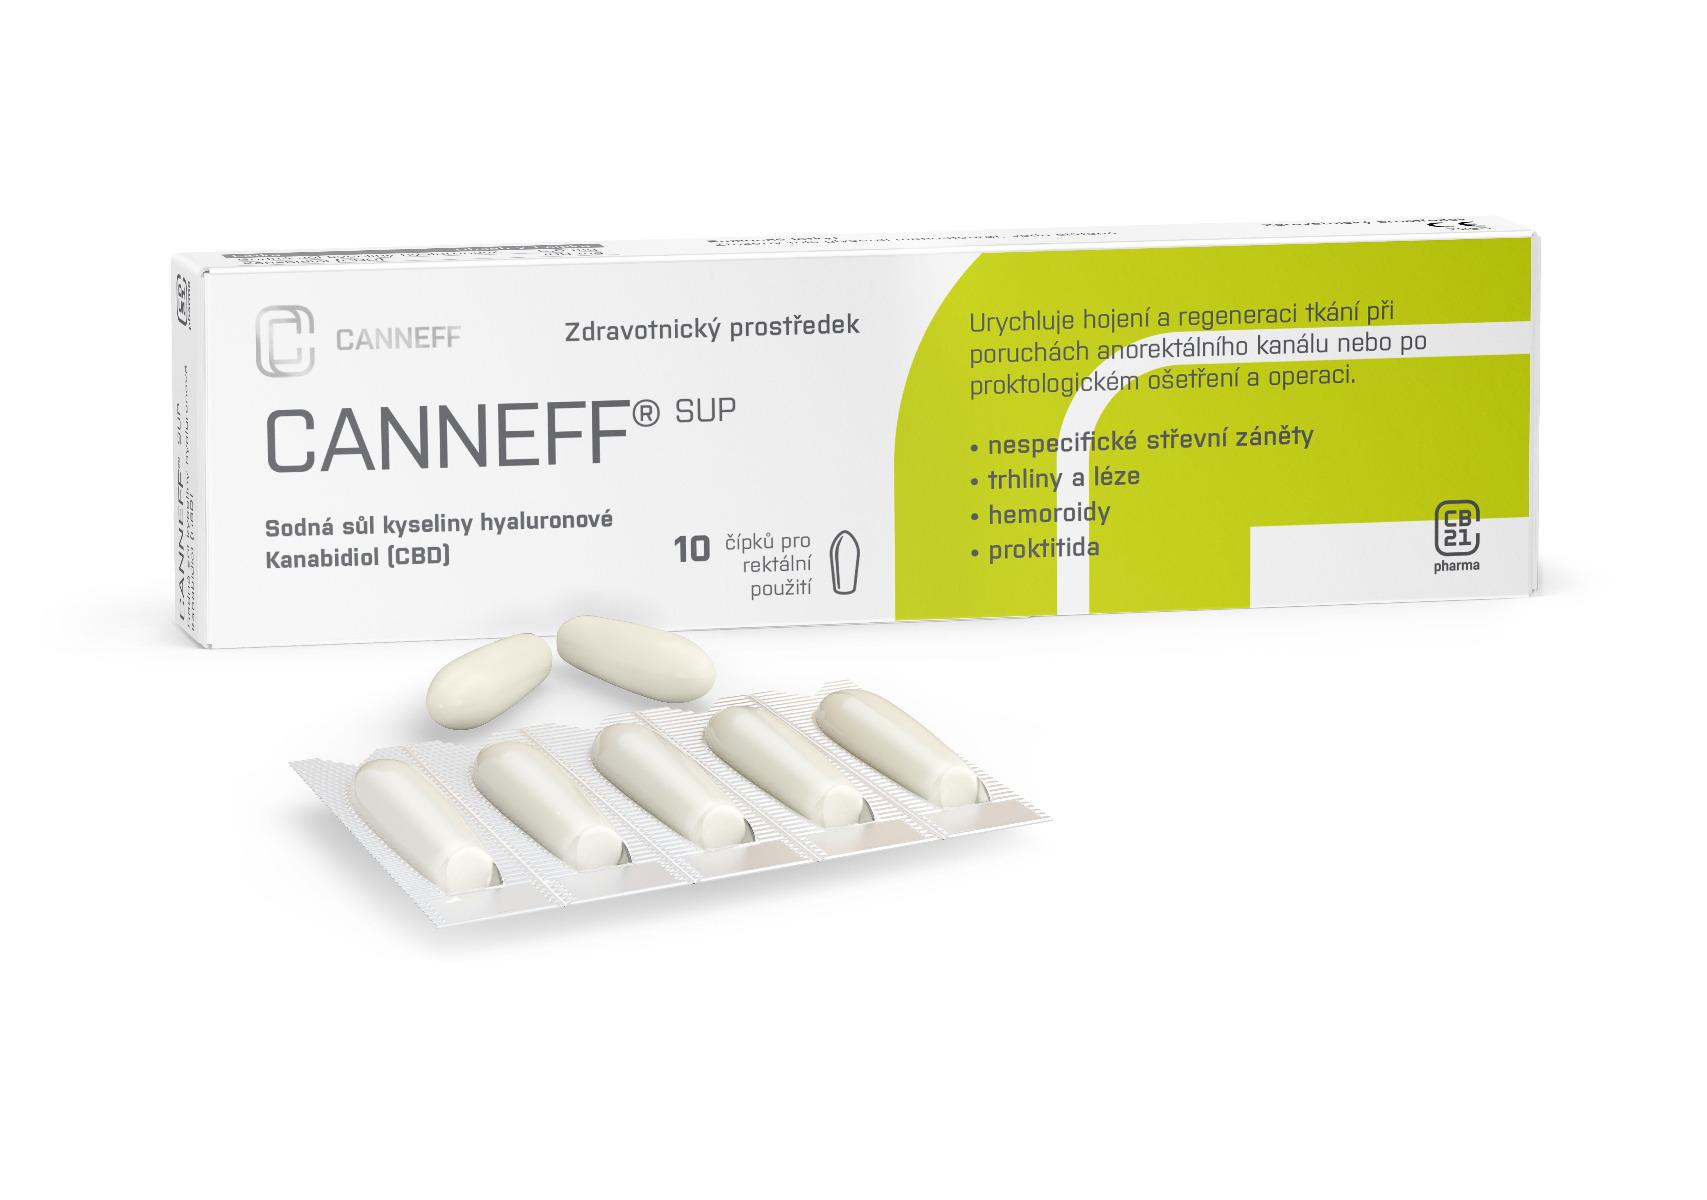 CANNEFF SUP rektální čípky 10 ks